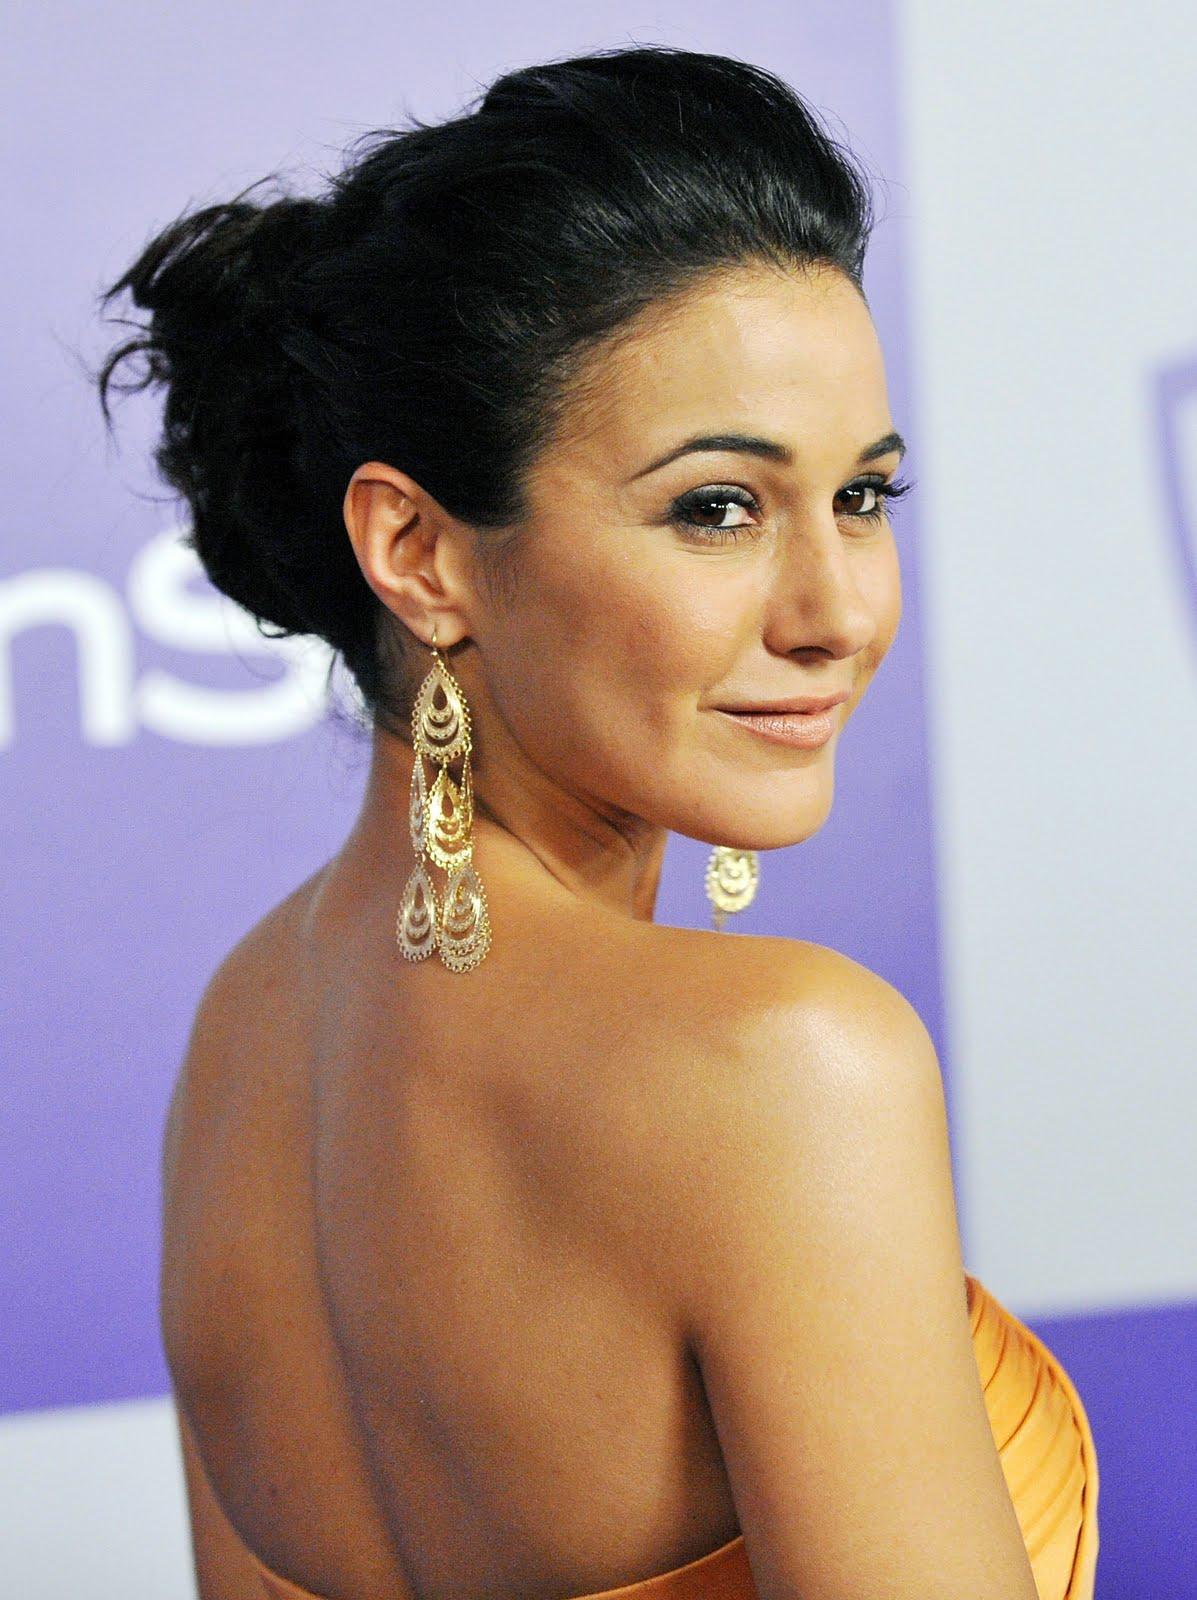 http://1.bp.blogspot.com/_6A8j2EQmANk/S8RbFQGd32I/AAAAAAAAA7A/psFAgZsmRSQ/s1600/Emmanuelle+Chriqui4.jpg